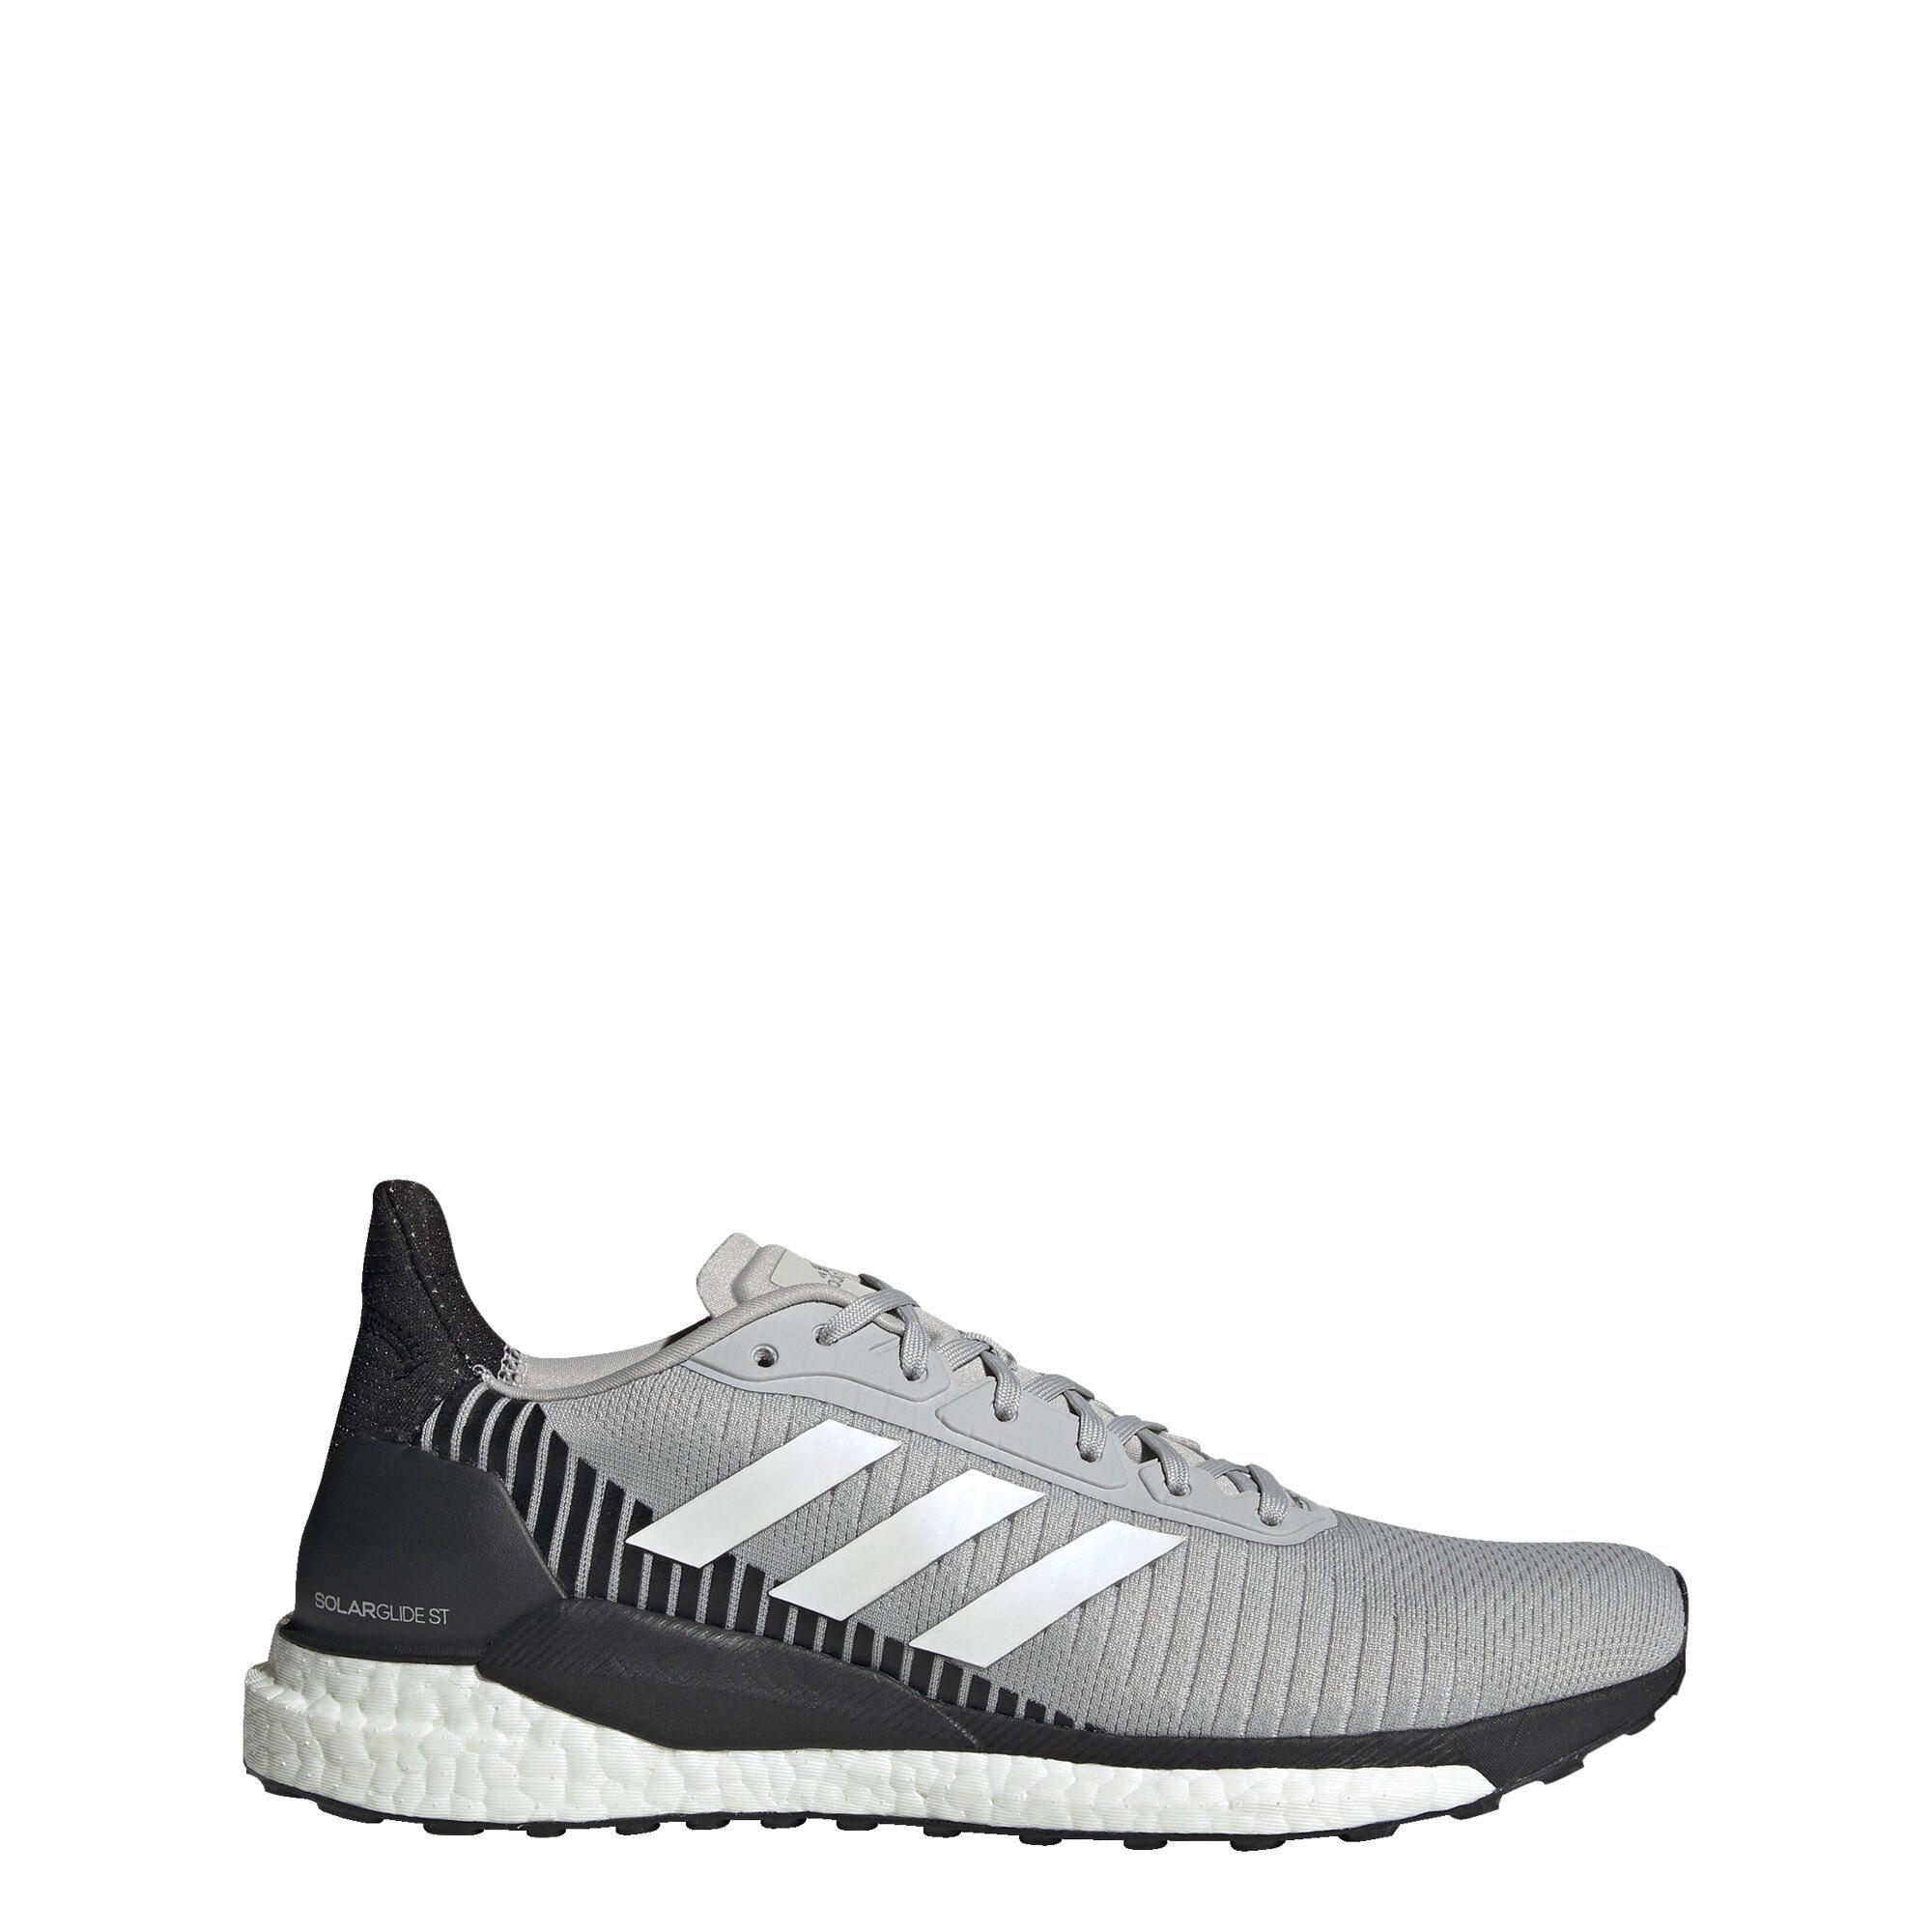 adidas Performance »Solarglide ST 19 Schuh« Sneaker Solar online kaufen | OTTO